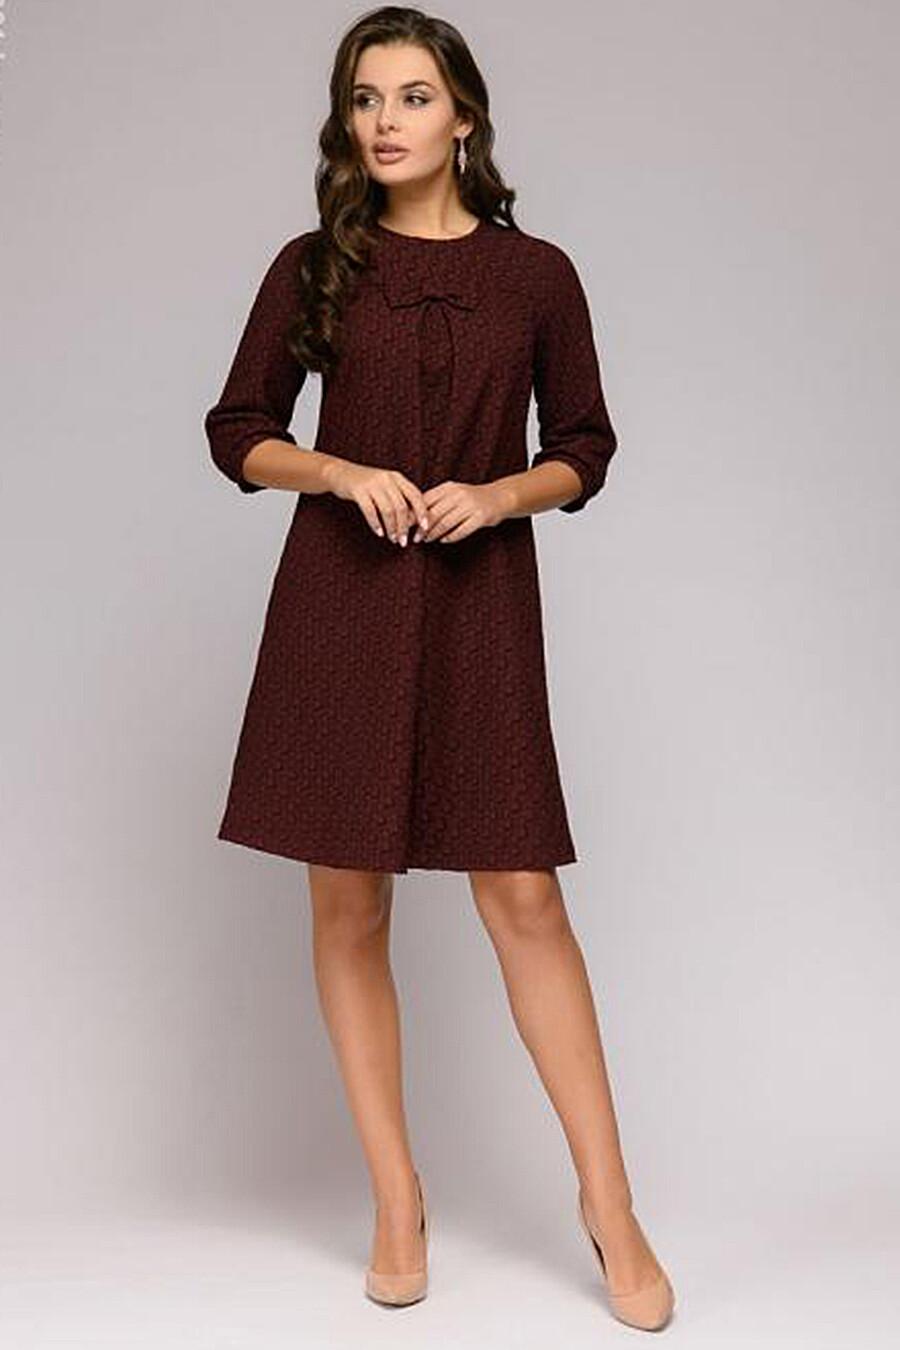 Платье для женщин 1001 DRESS 130556 купить оптом от производителя. Совместная покупка женской одежды в OptMoyo